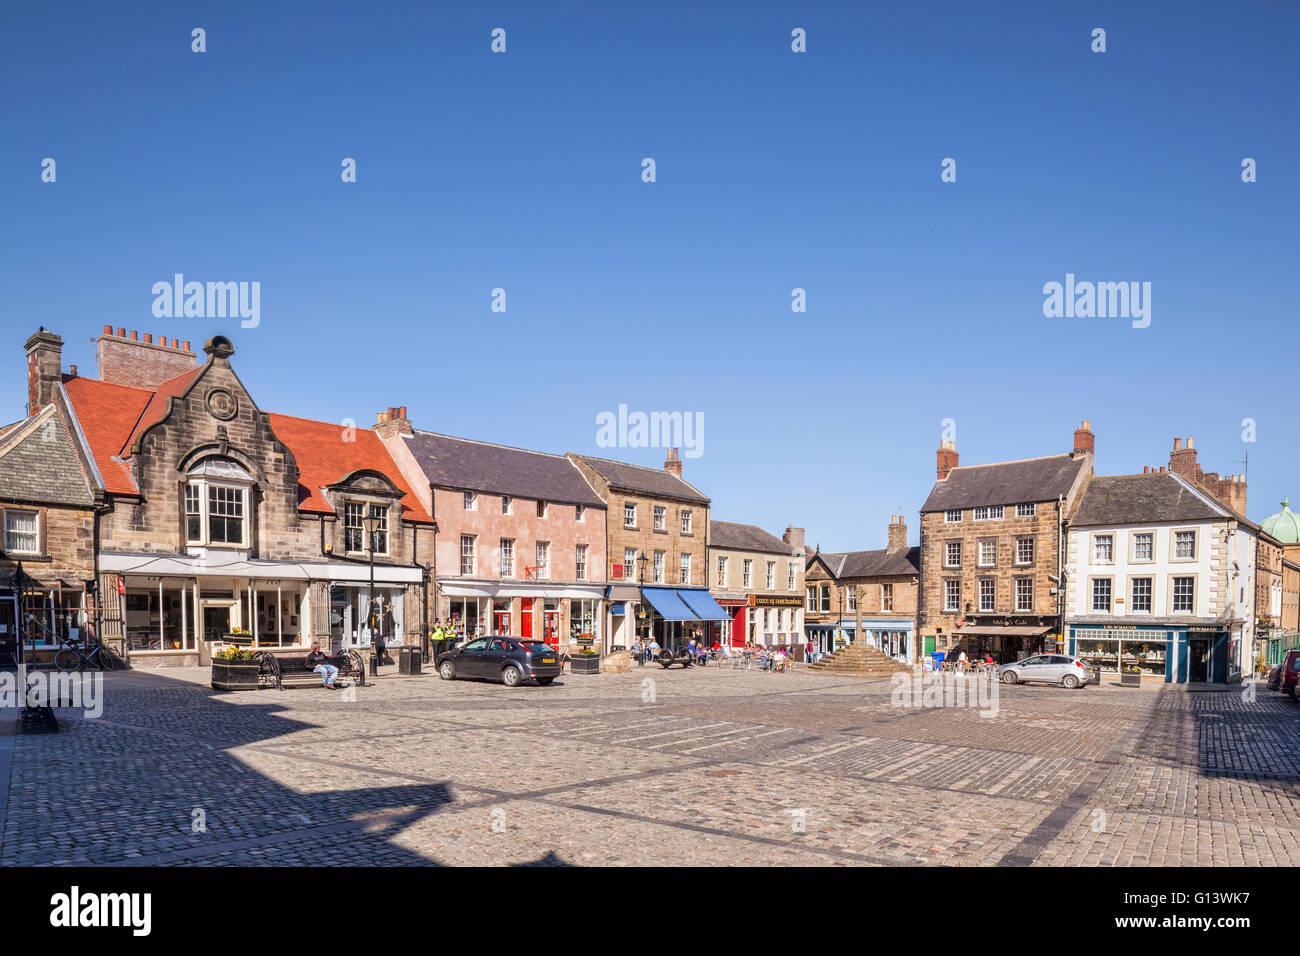 Market Square, Alnwick, Northumberland, England, UK - Stock Image